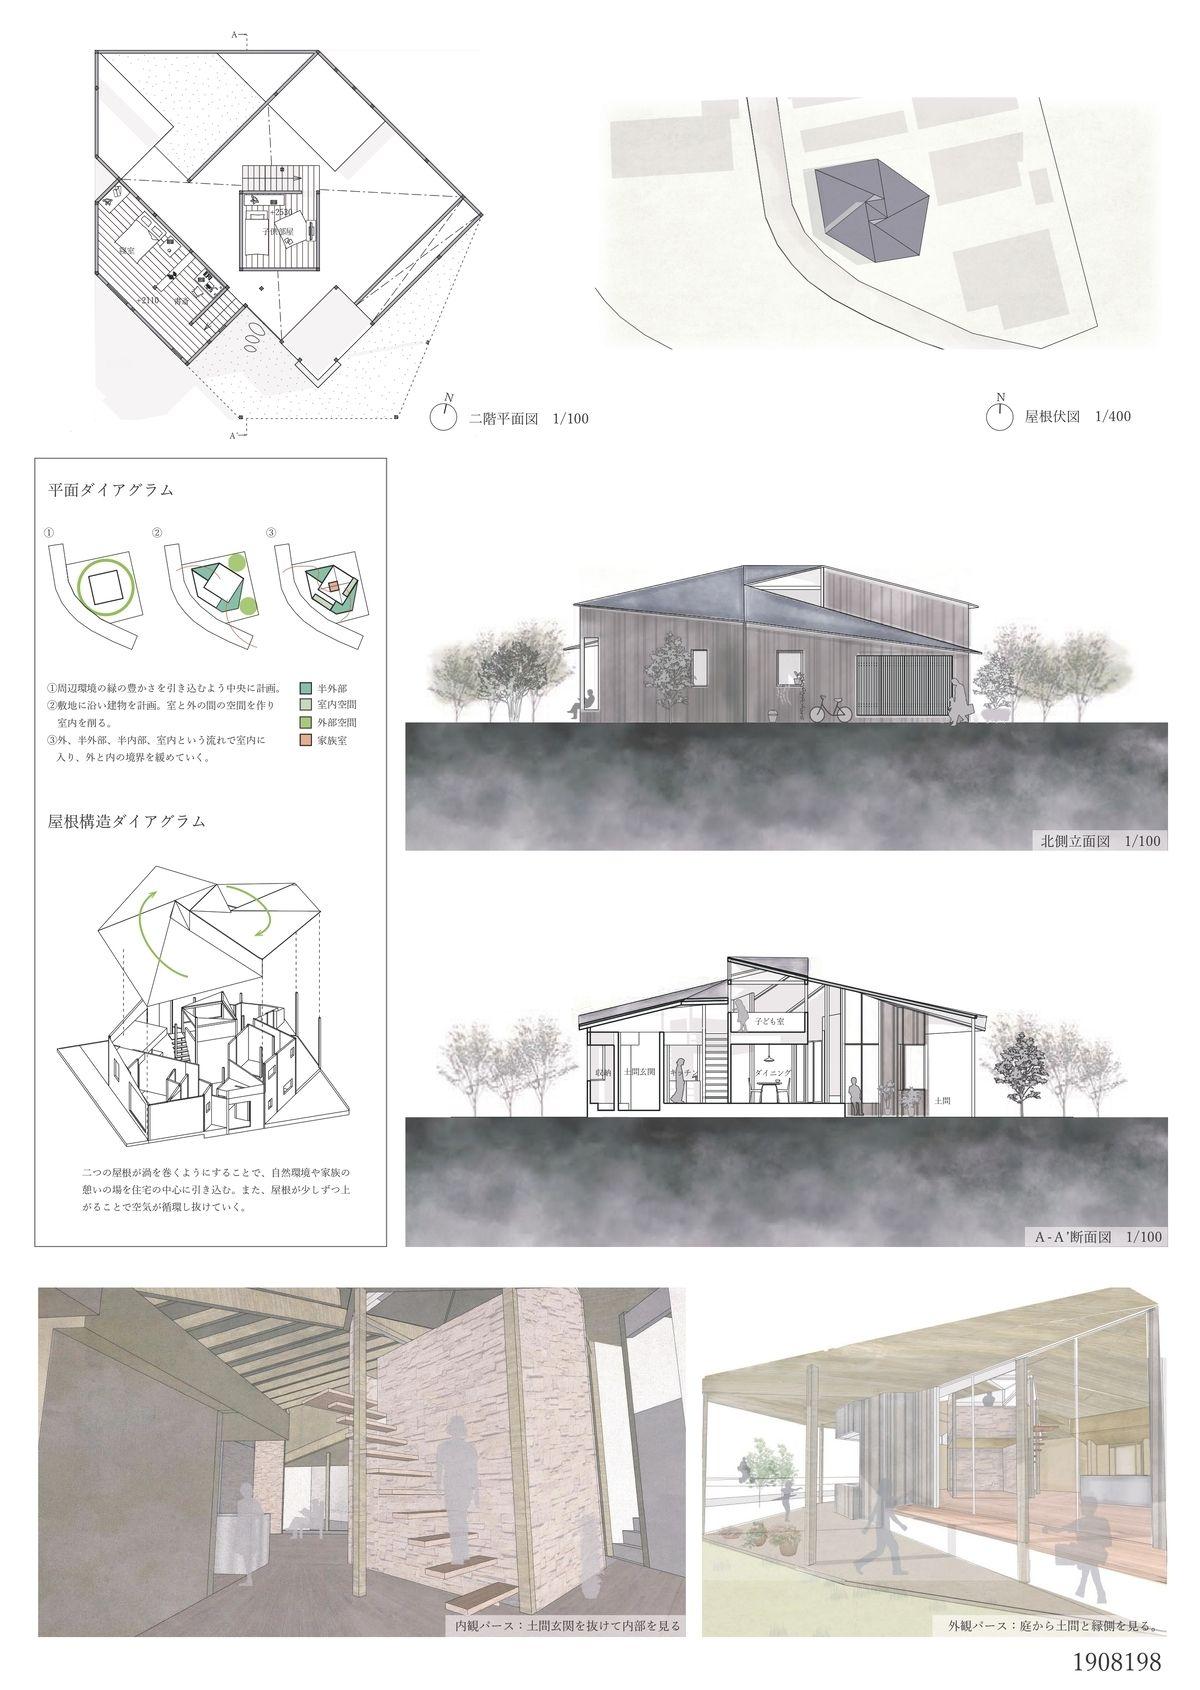 受賞作品 木の家設計グランプリ 建築パース 小さい家 家